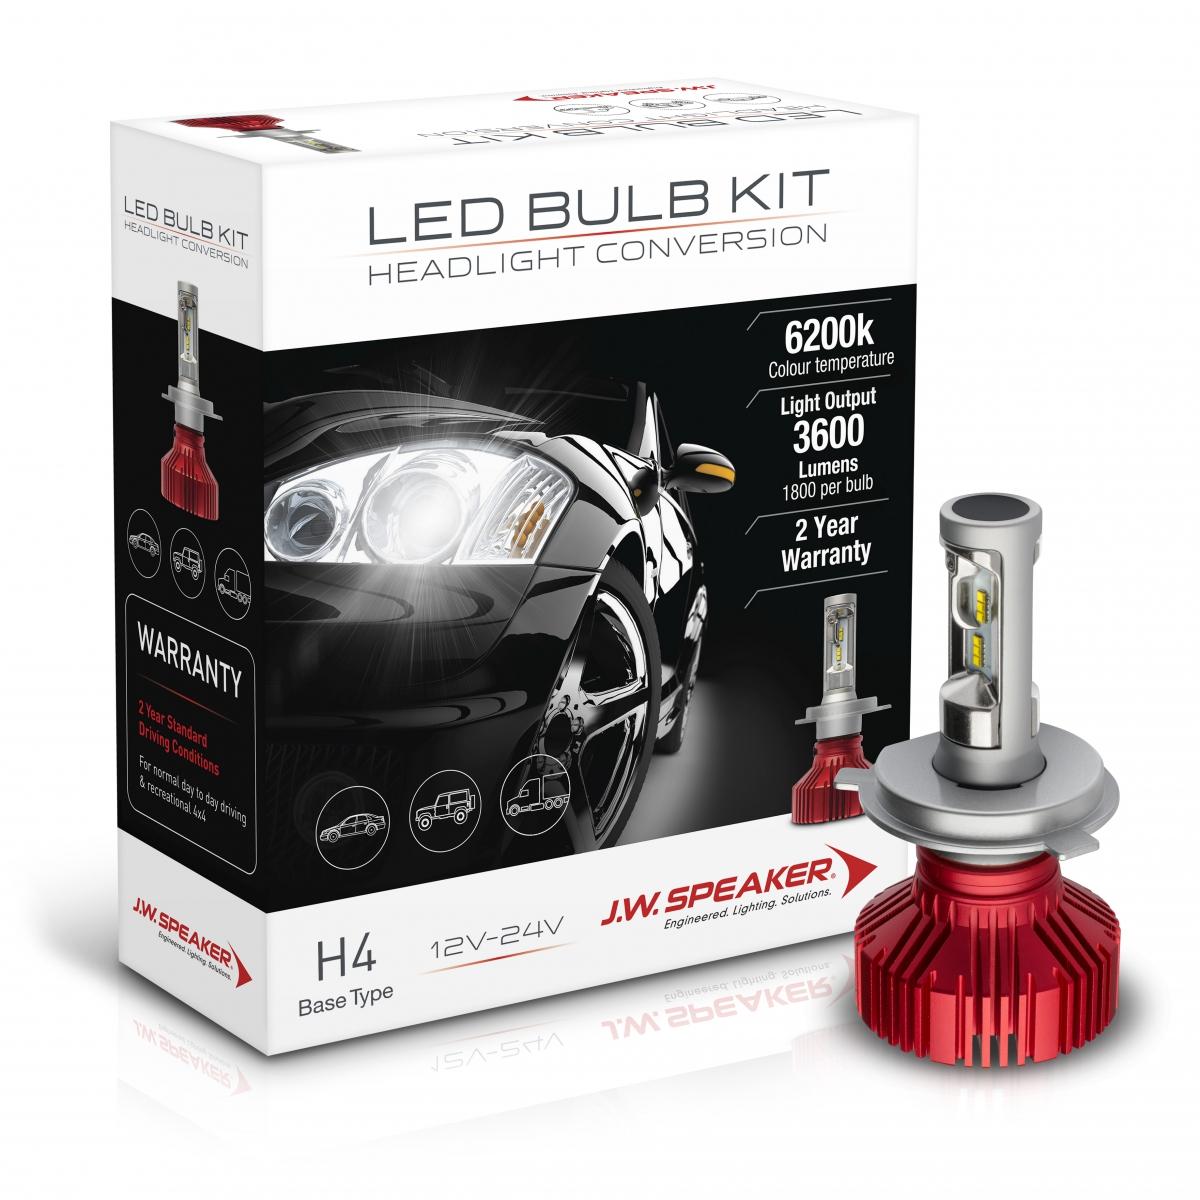 LED Headlight Conversion Kit – Model 3600